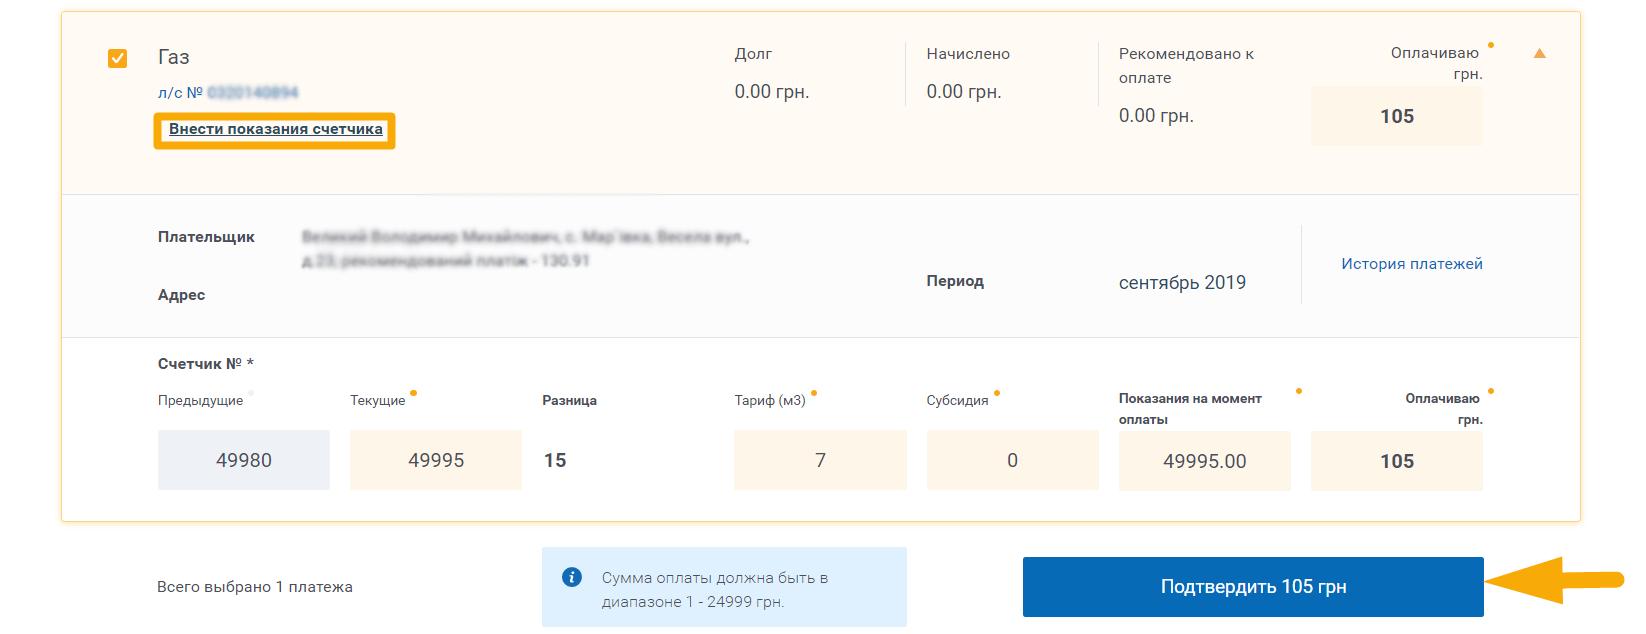 Как оплатить Днепропетровскгаз сбыт - шаг 5